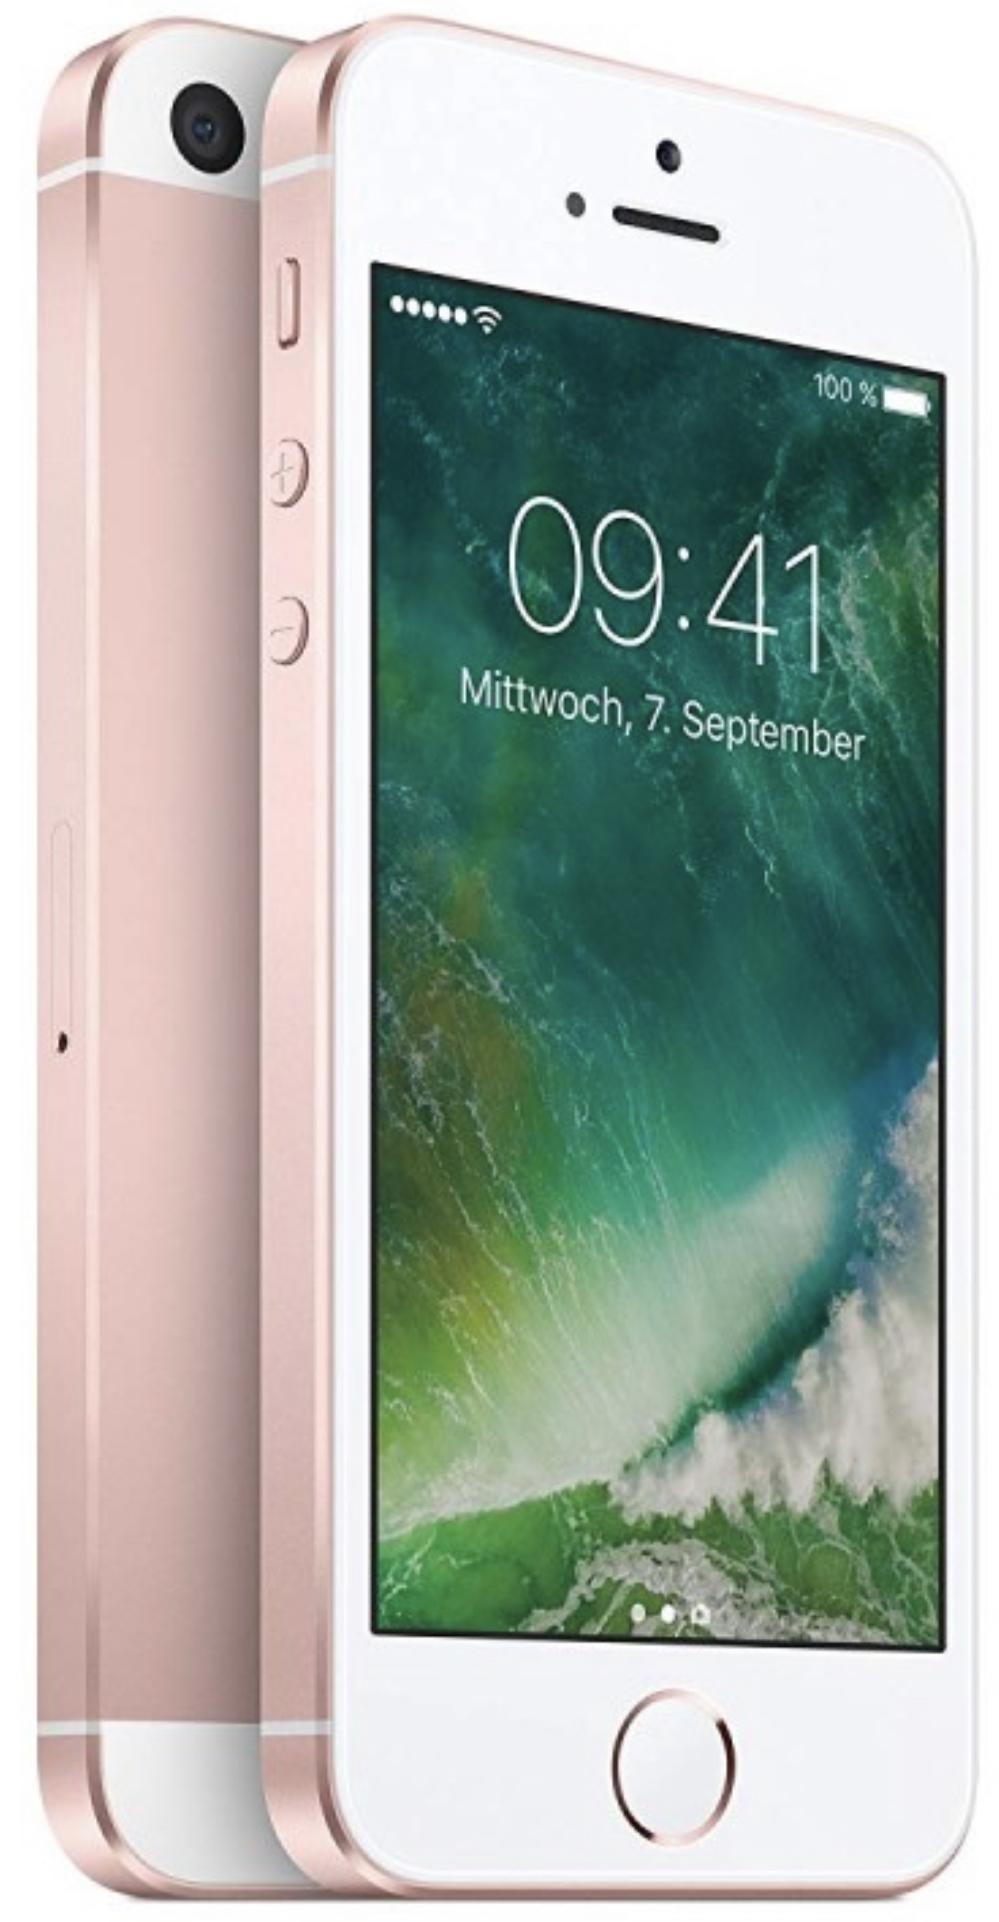 Apple iPhone SE 16GB Rose Gold für 169,95€ + 8,95€ in Superpunkten inkl. Versandkosten mit Masterpass